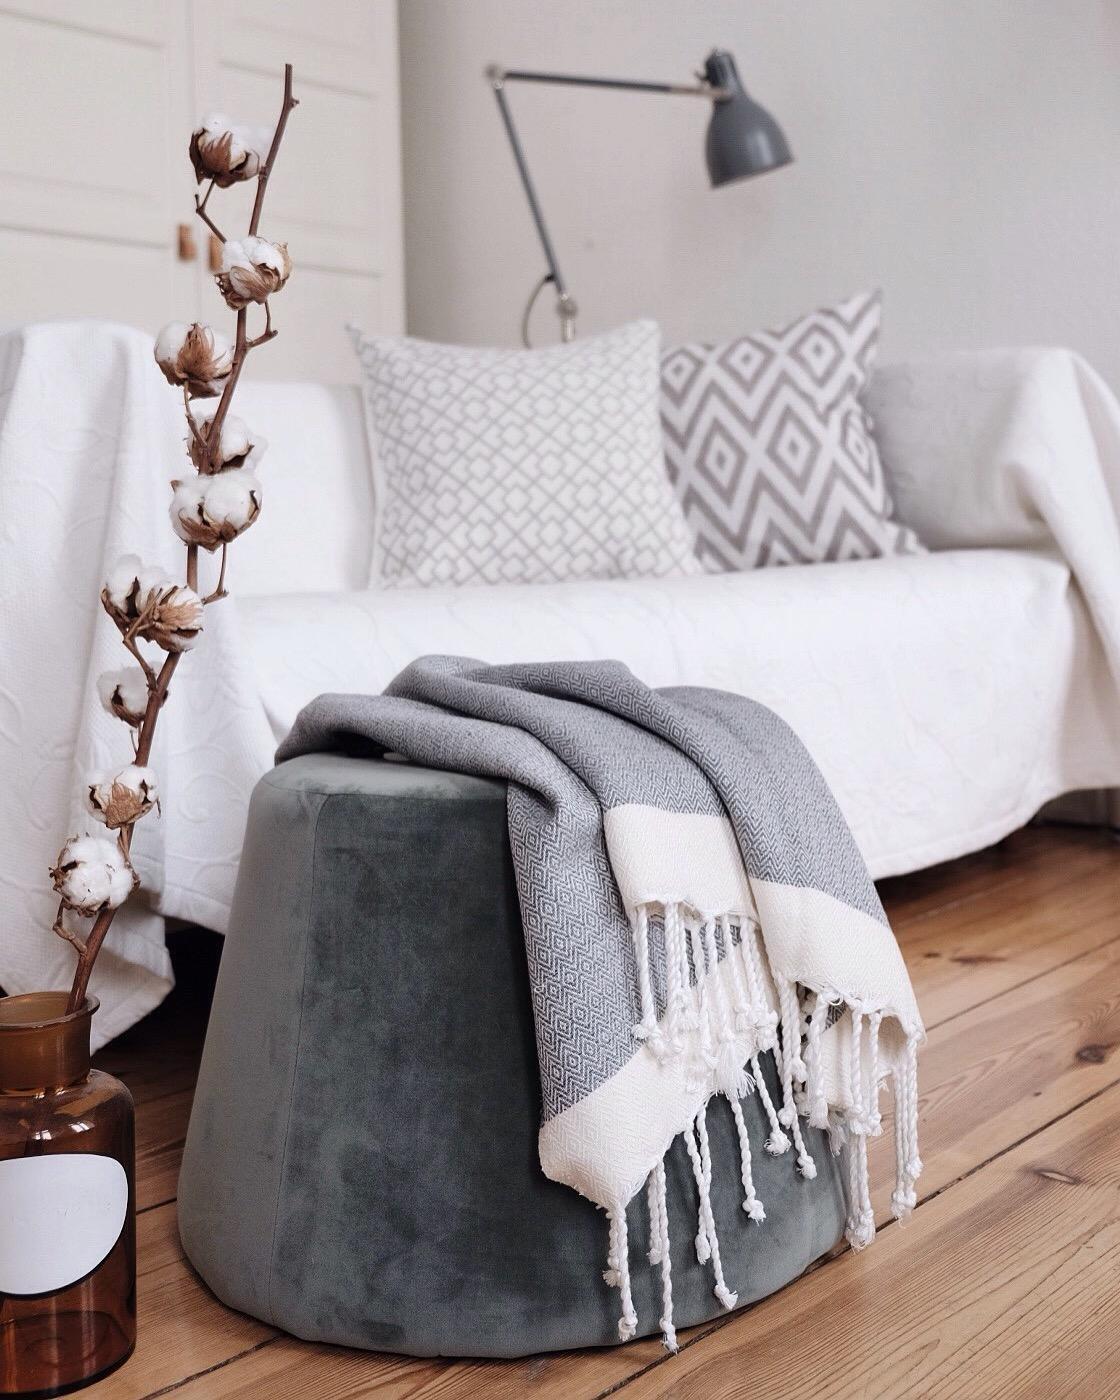 kissen o bilder ideen couchstyle wohnzimmer kissen und decken. Black Bedroom Furniture Sets. Home Design Ideas